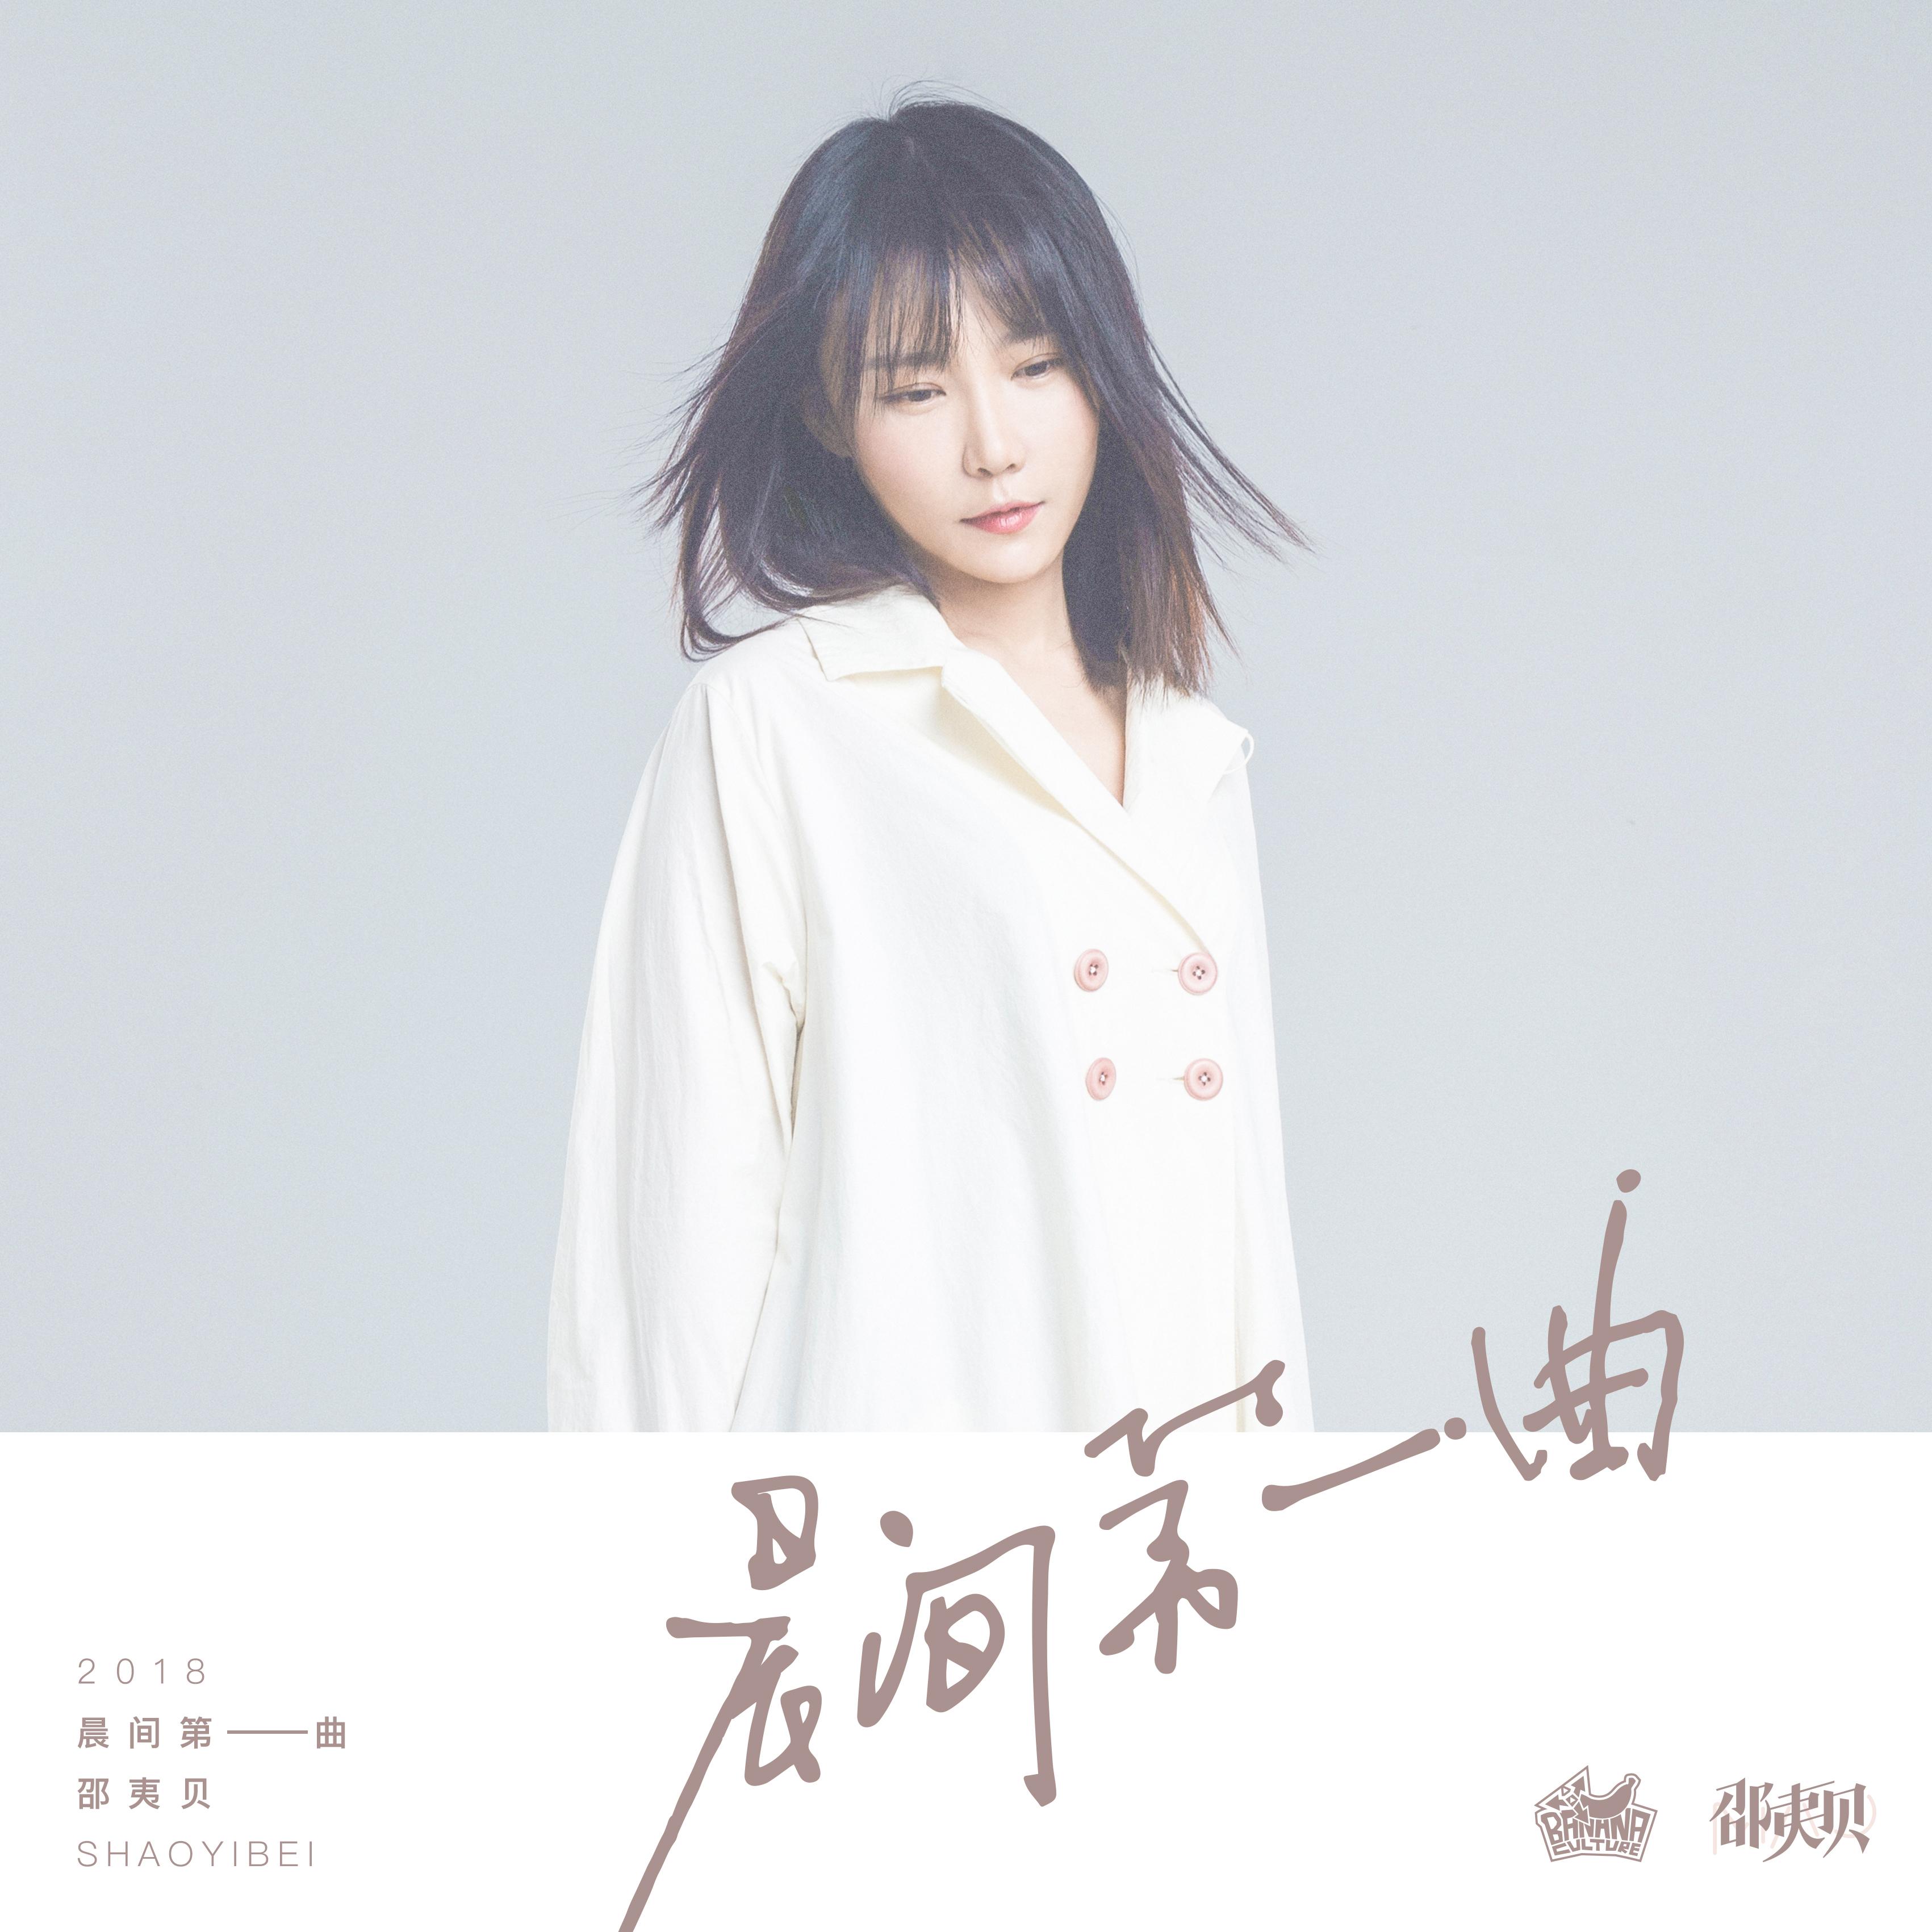 晨间第一曲(国际幸福日特别版)